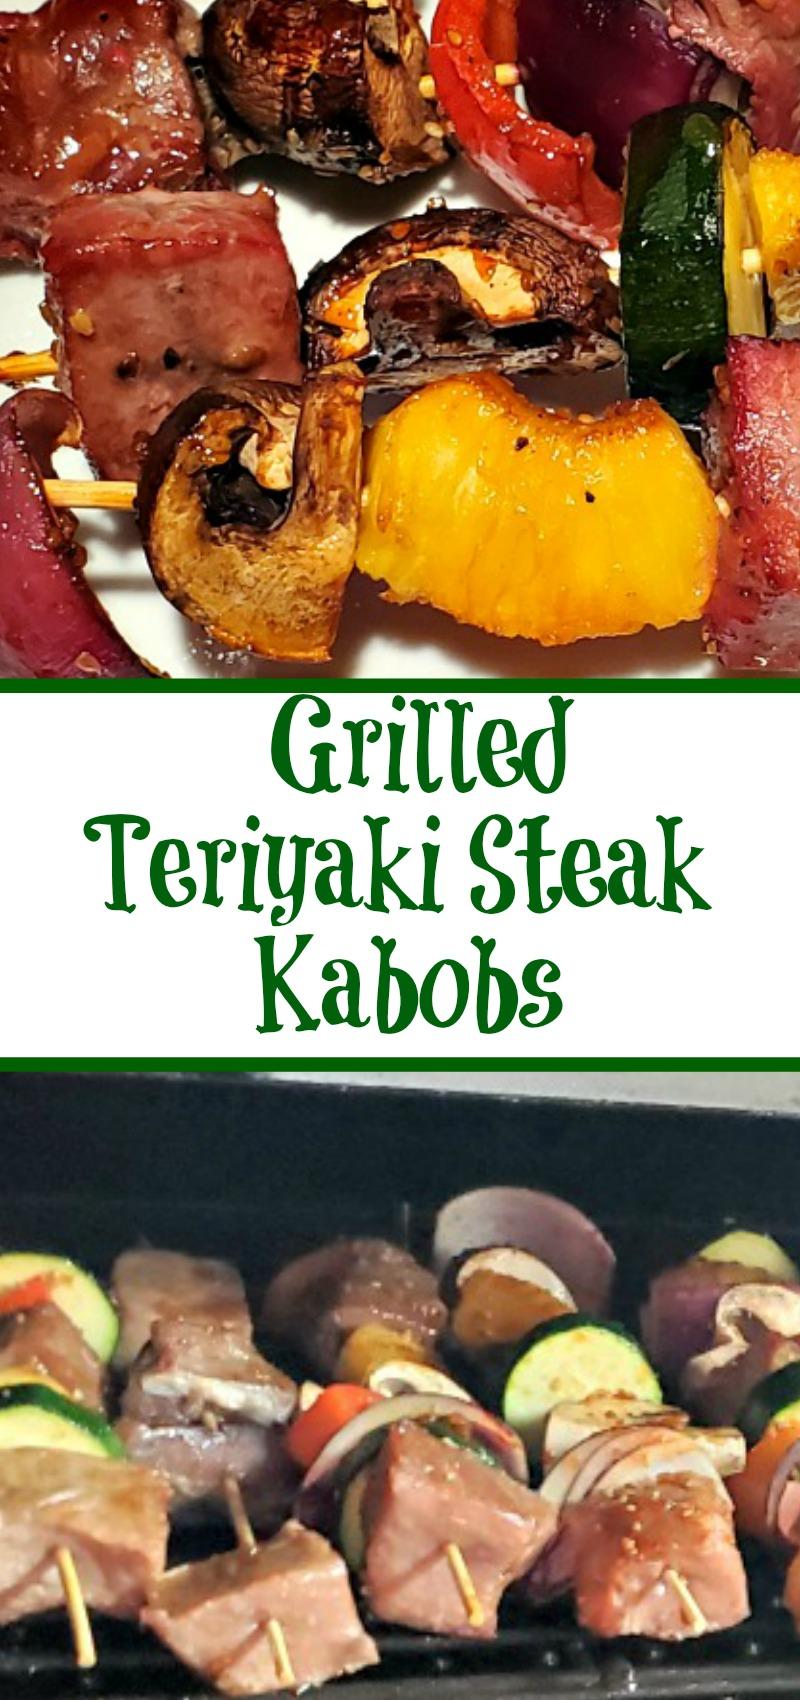 Easy Grilled Teriyaki Steak Kabobs Recipe